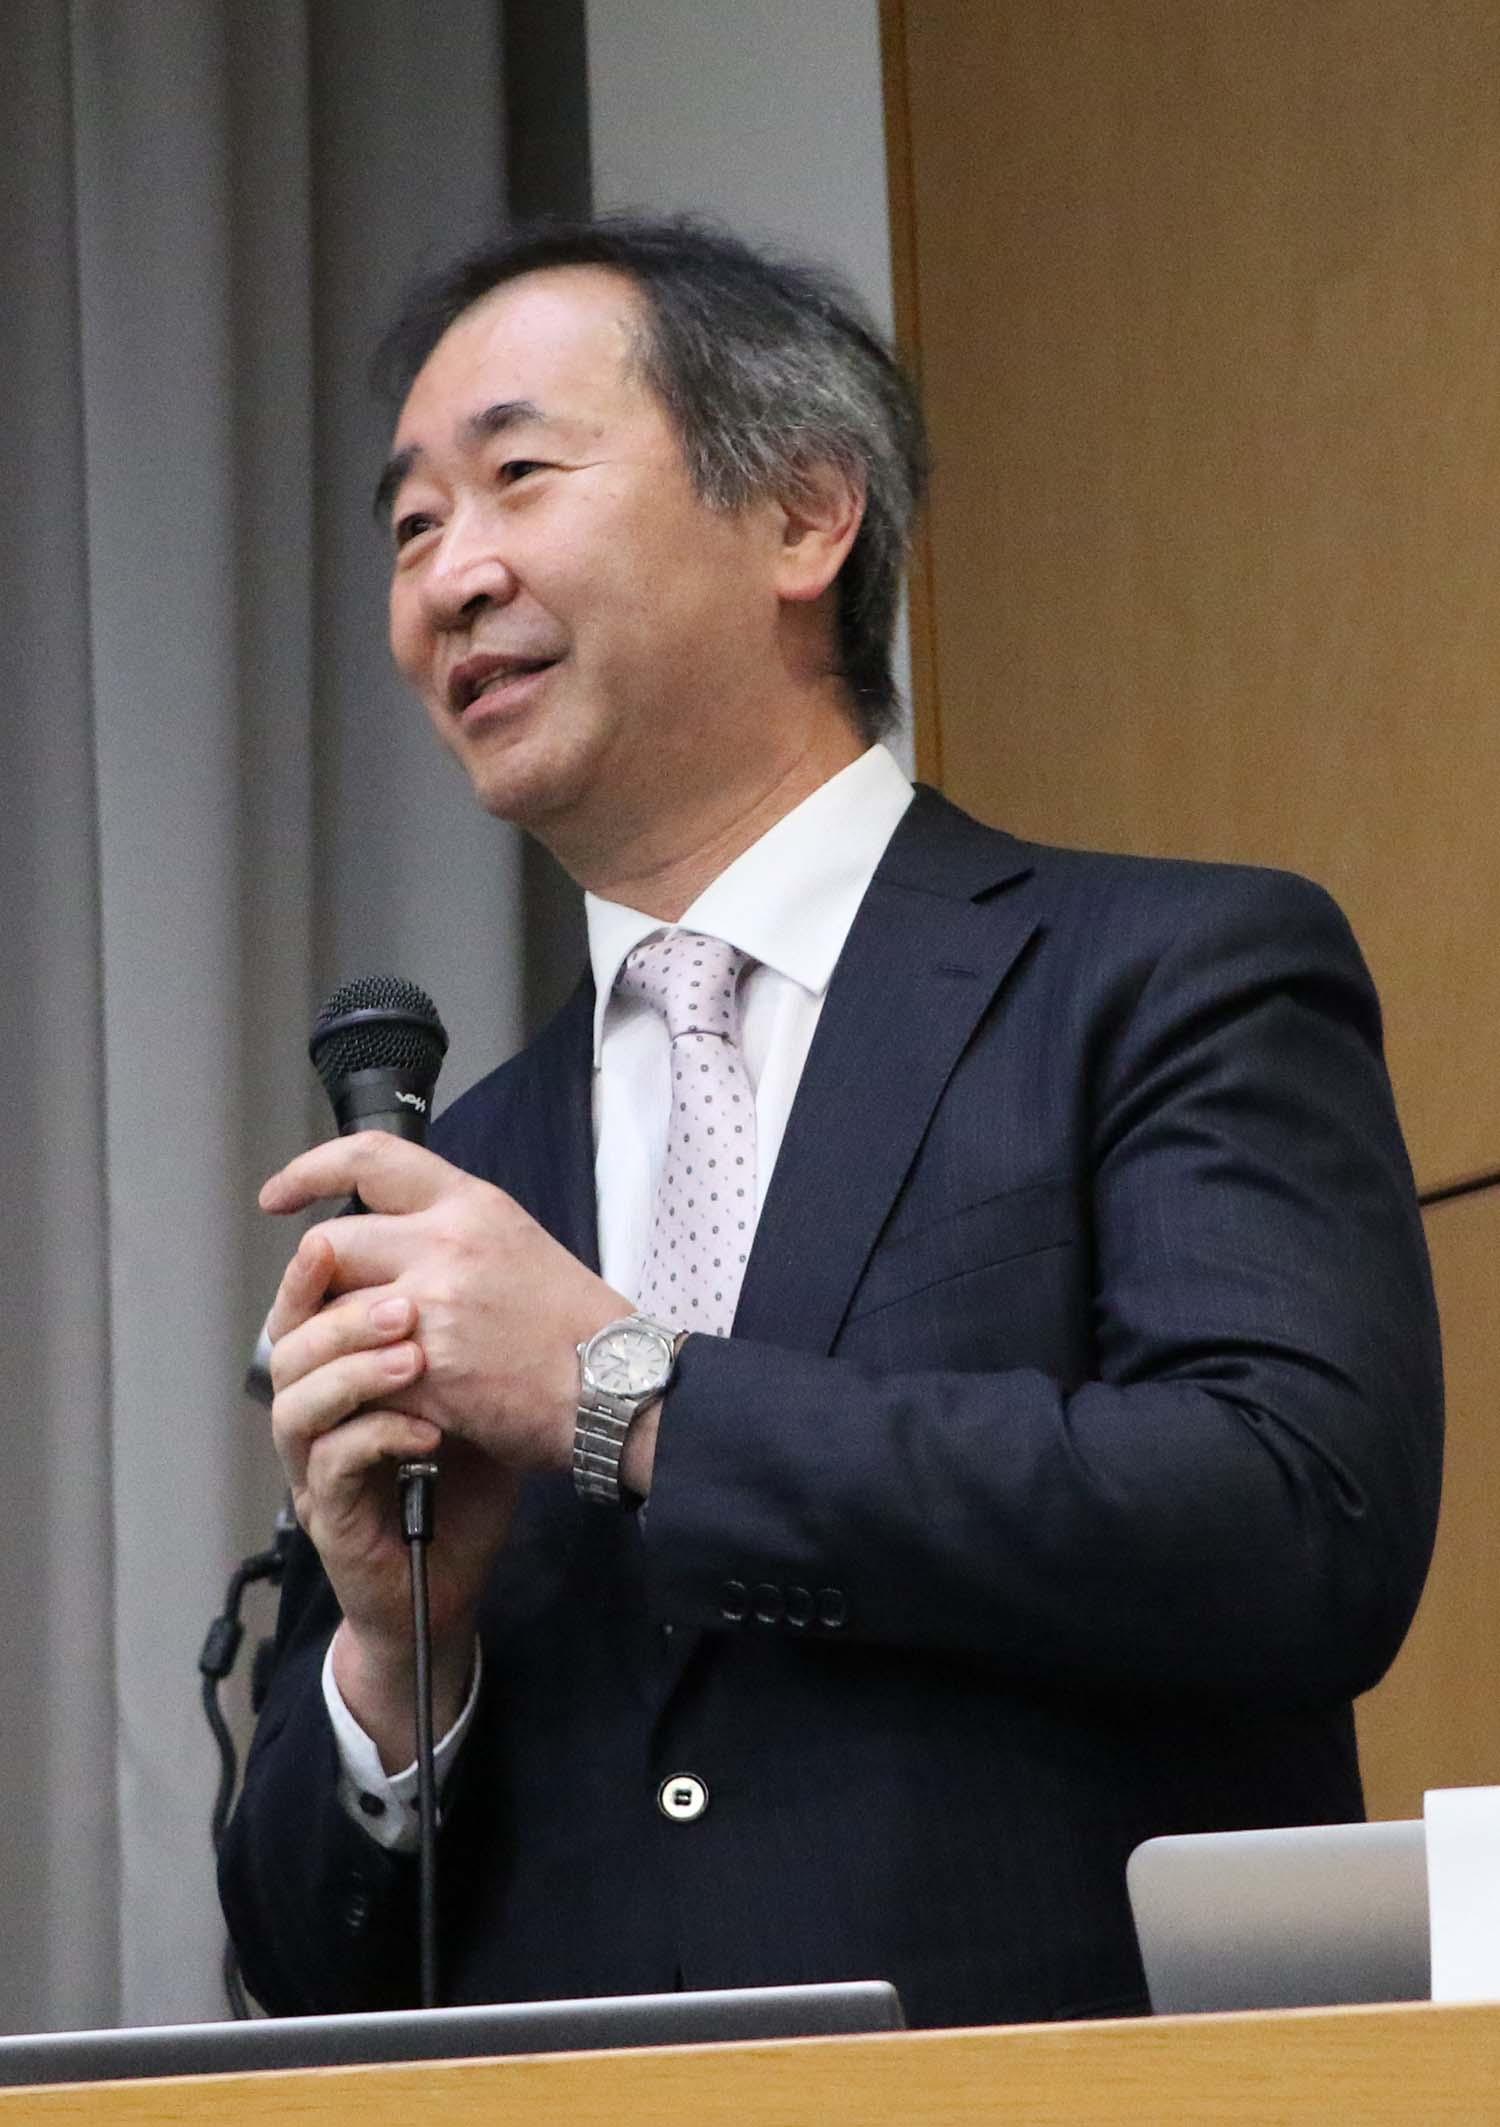 たくさんの質問に一つ一つ丁寧に答える梶田所長